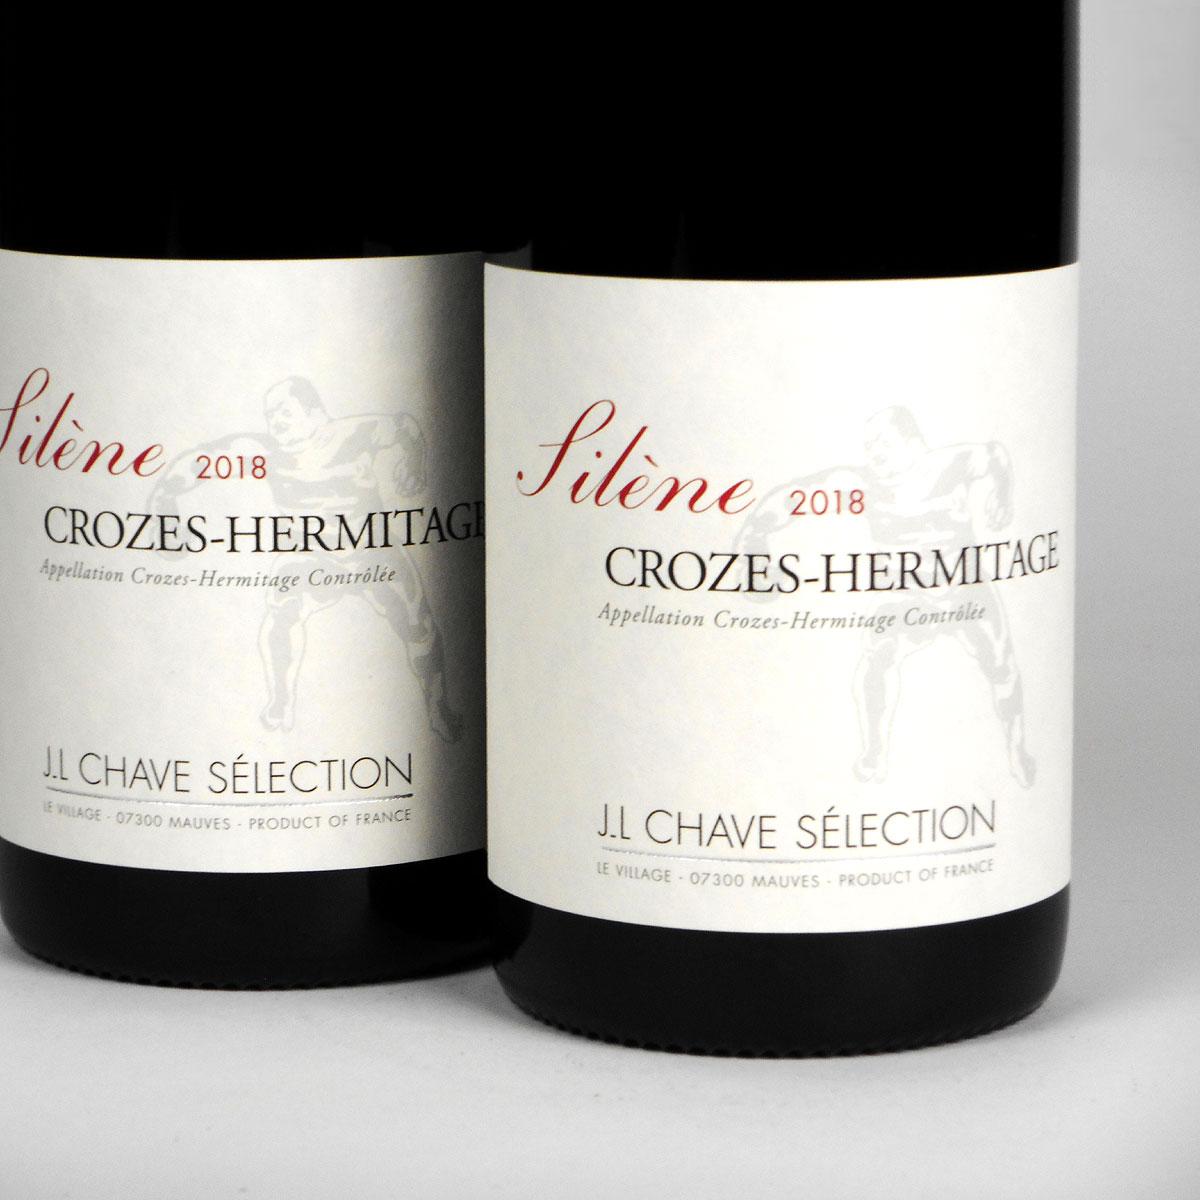 Crozes-Hermitage: Jean-Louis Chave Sélection 'Silène' 2018